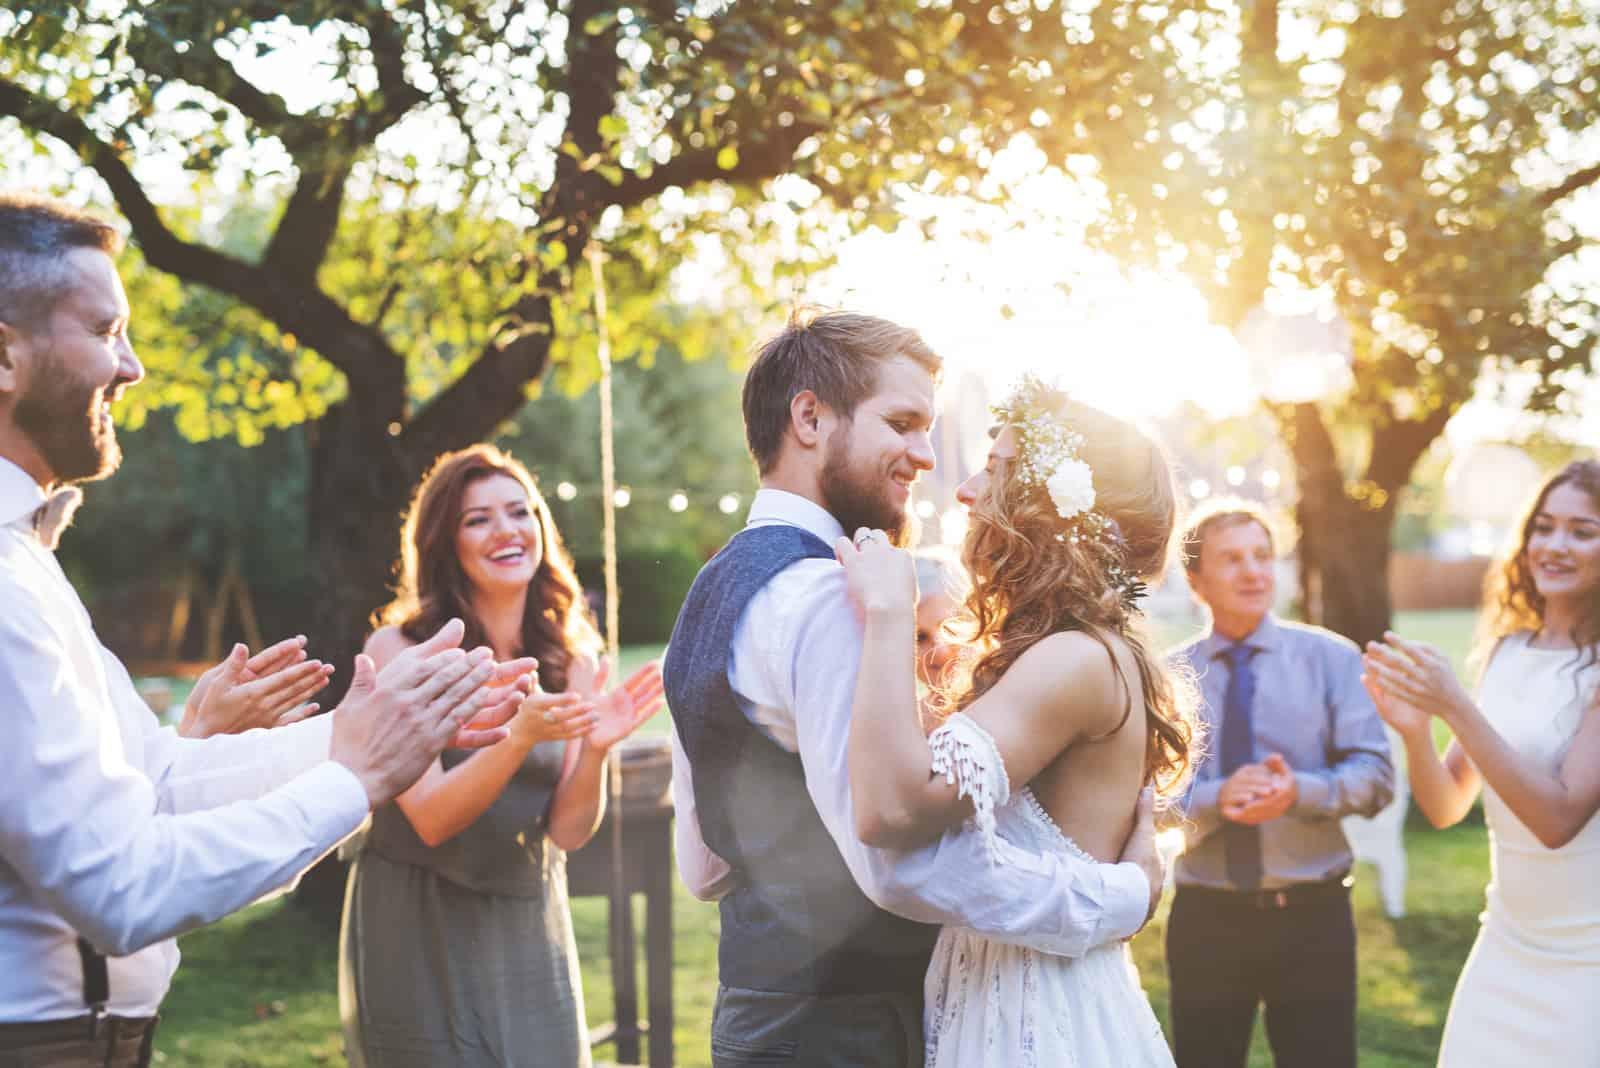 Ein Mann und eine Frau tanzen